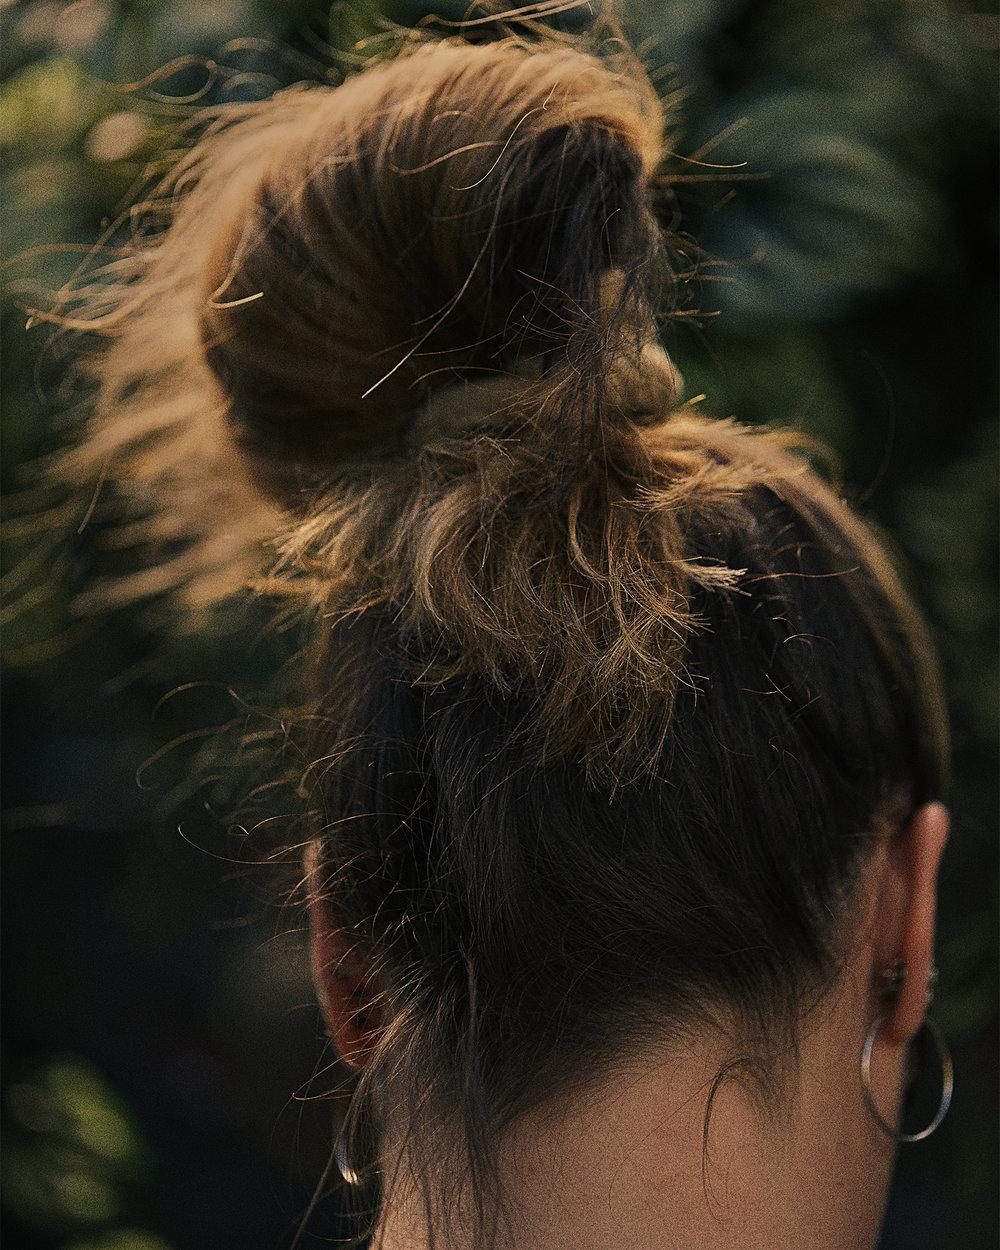 Paula_Hair copy.jpg